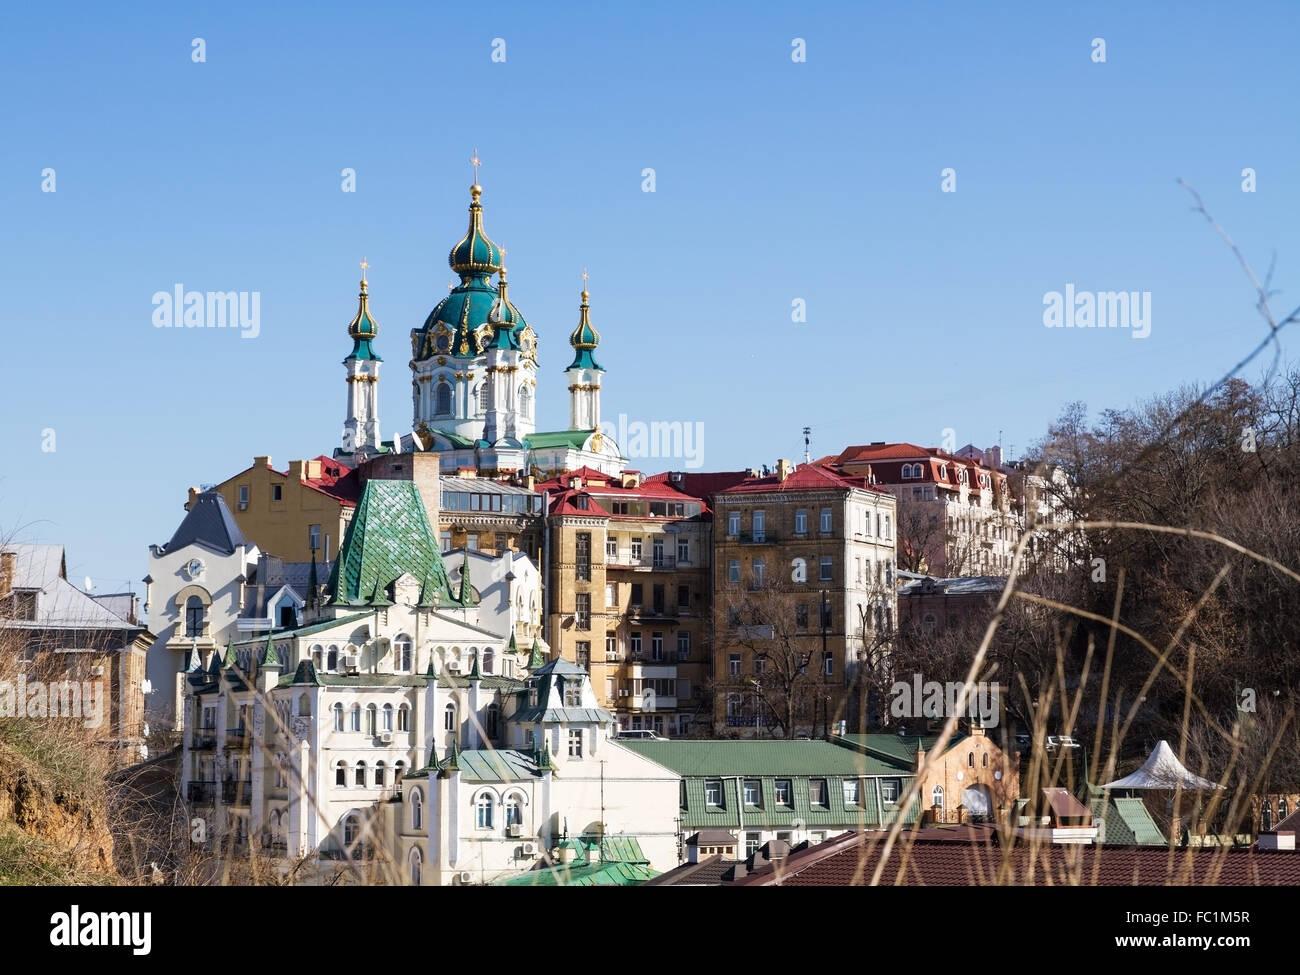 Vozdvizhenka elite district in Kiev, Ukraine - Stock Image